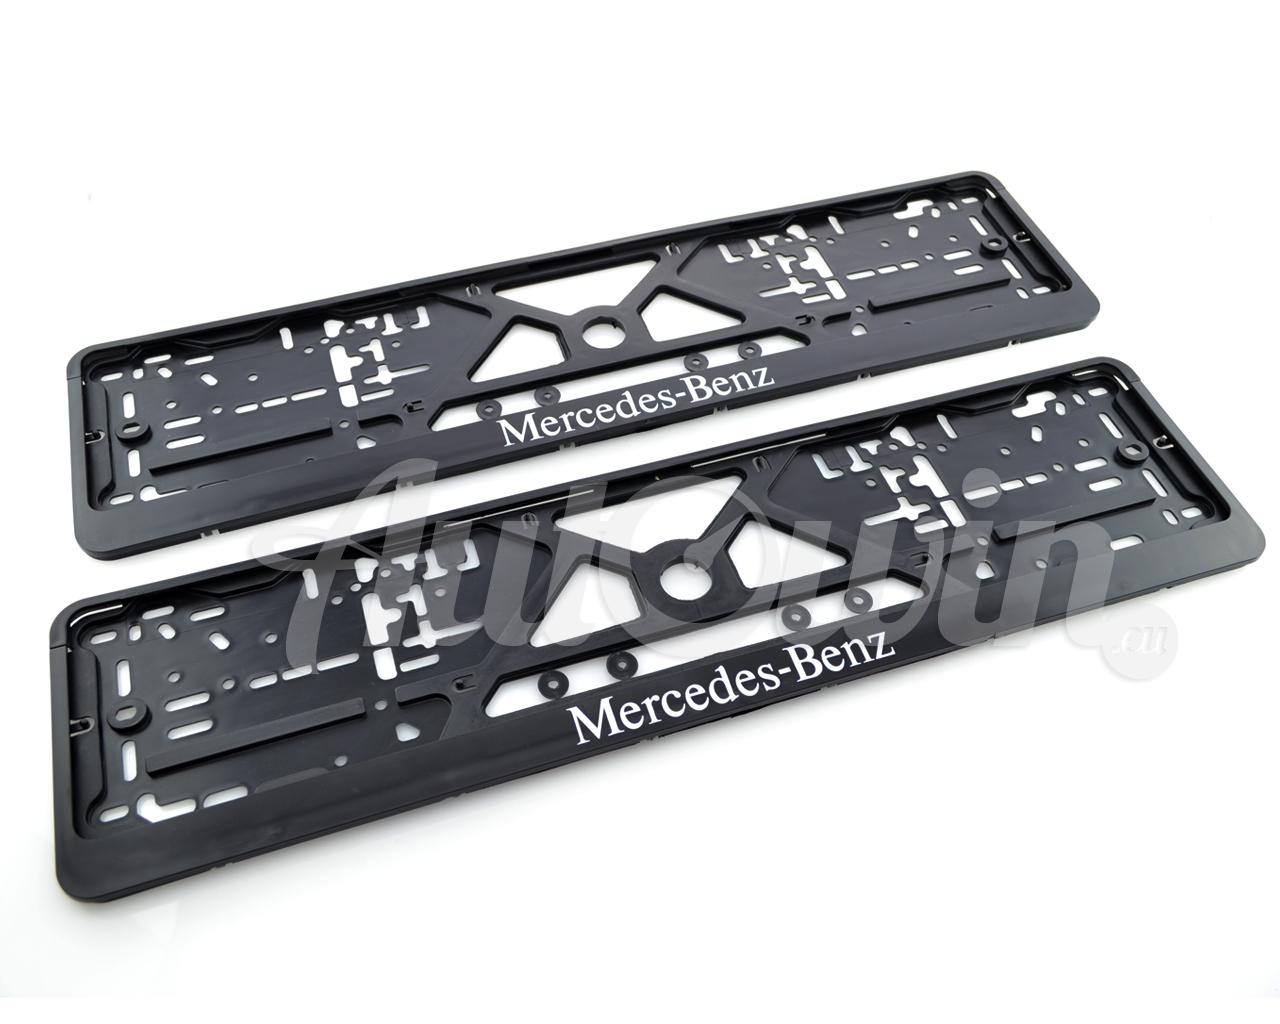 Mercedes benz e class sedan c class frames euro standart for Mercedes benz air freshener